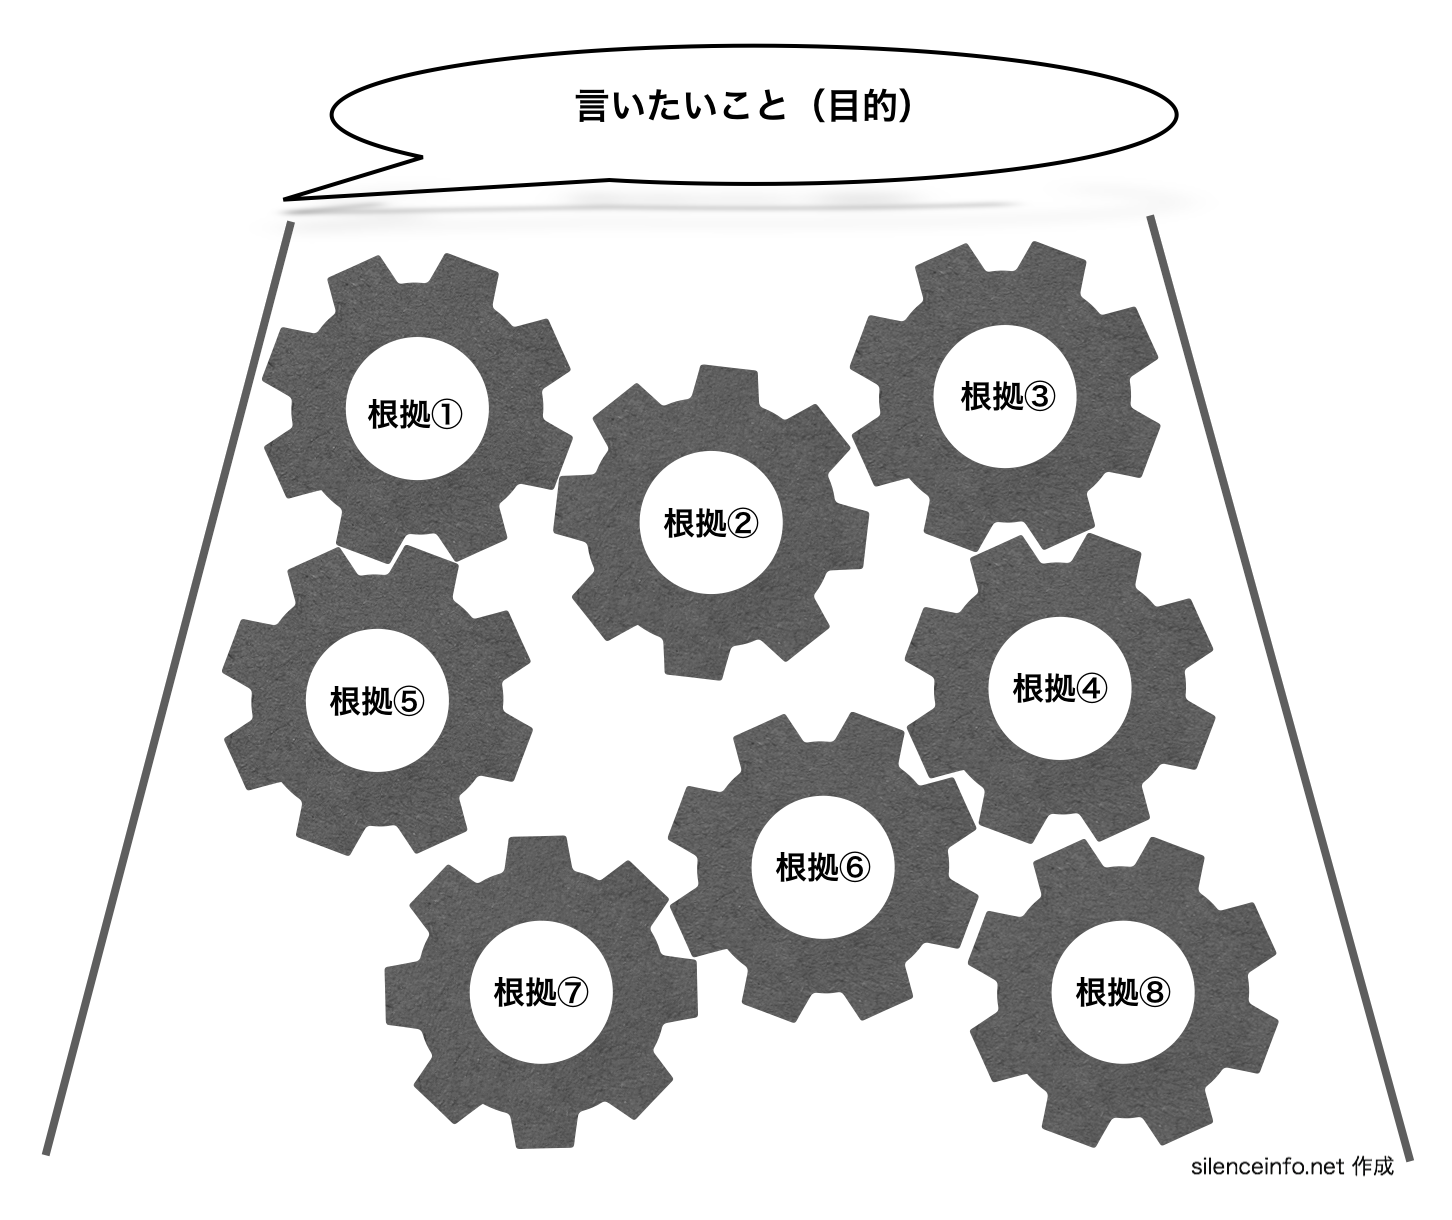 論文の構成 本論で根拠を積み上げている図